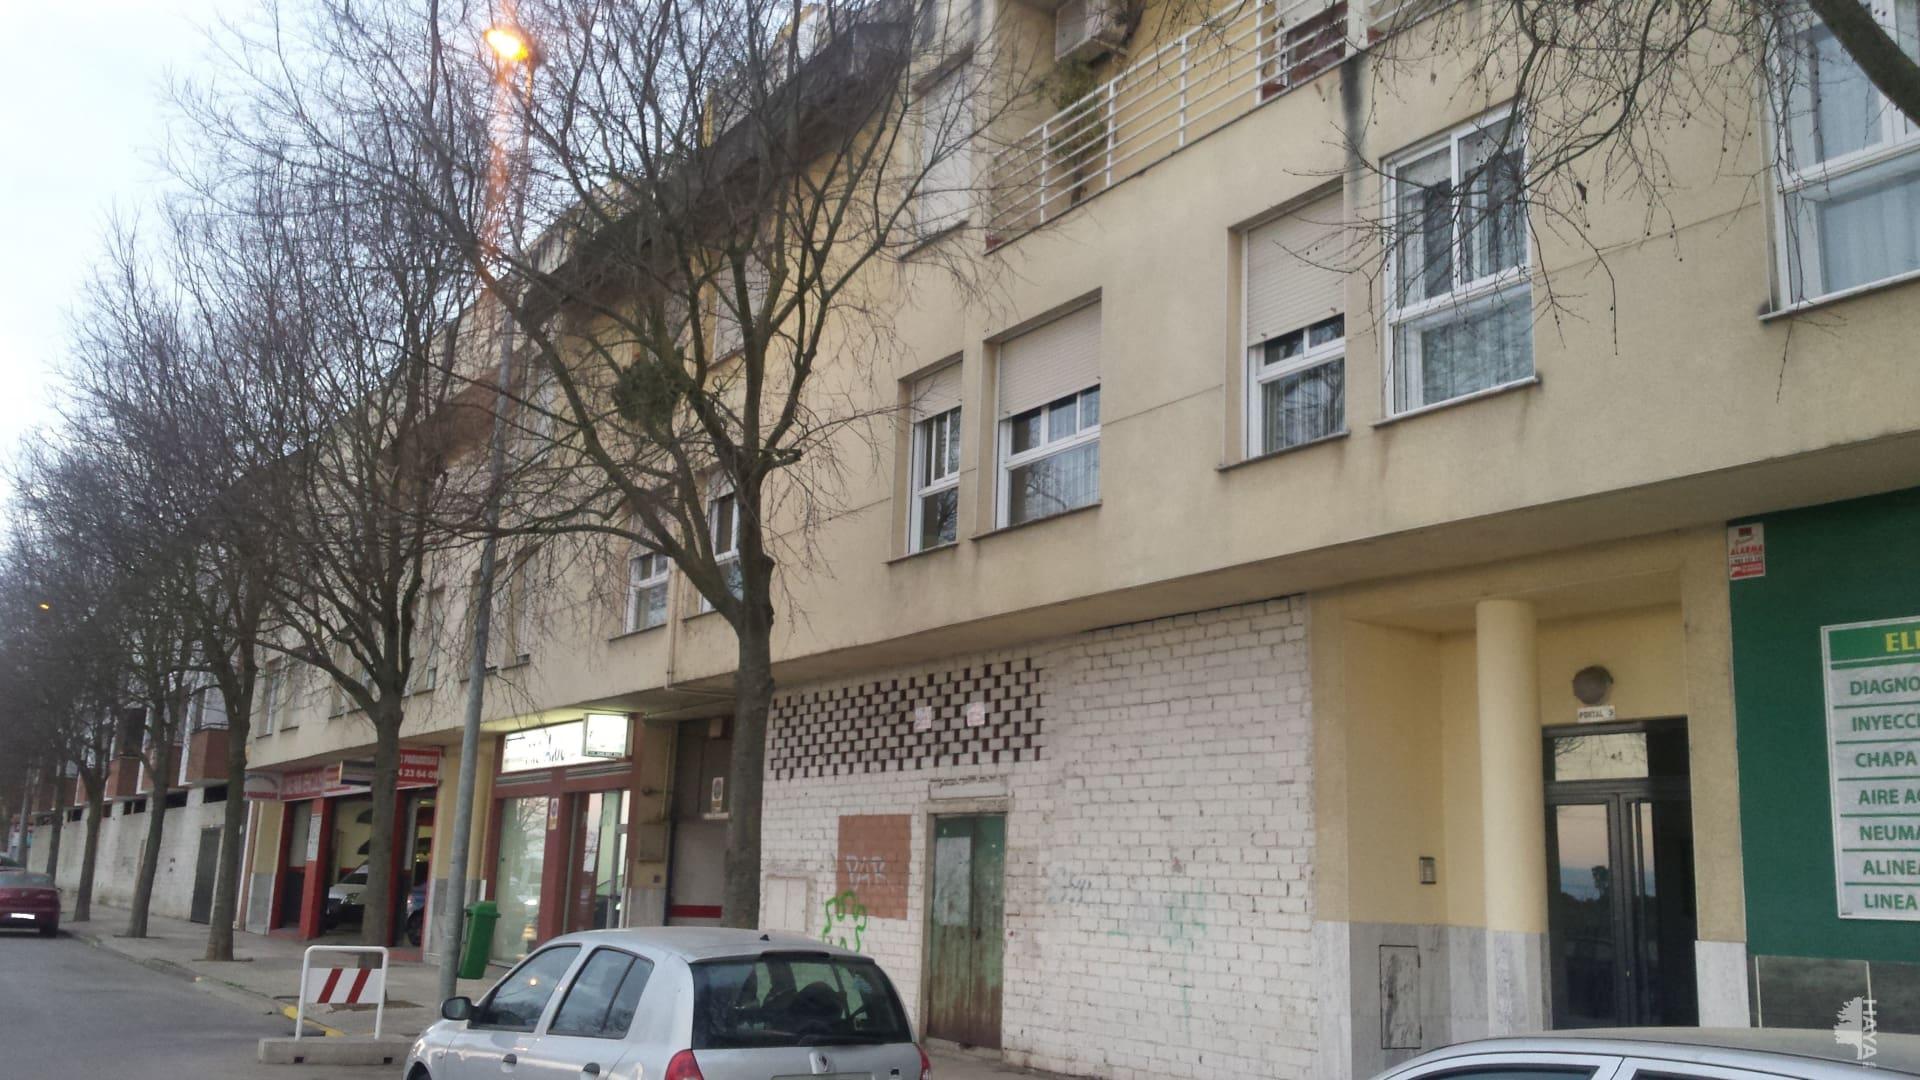 Piso en venta en Badajoz, Badajoz, Avenida Manuel Rojas Torres, 63.328 €, 1 habitación, 1 baño, 62 m2